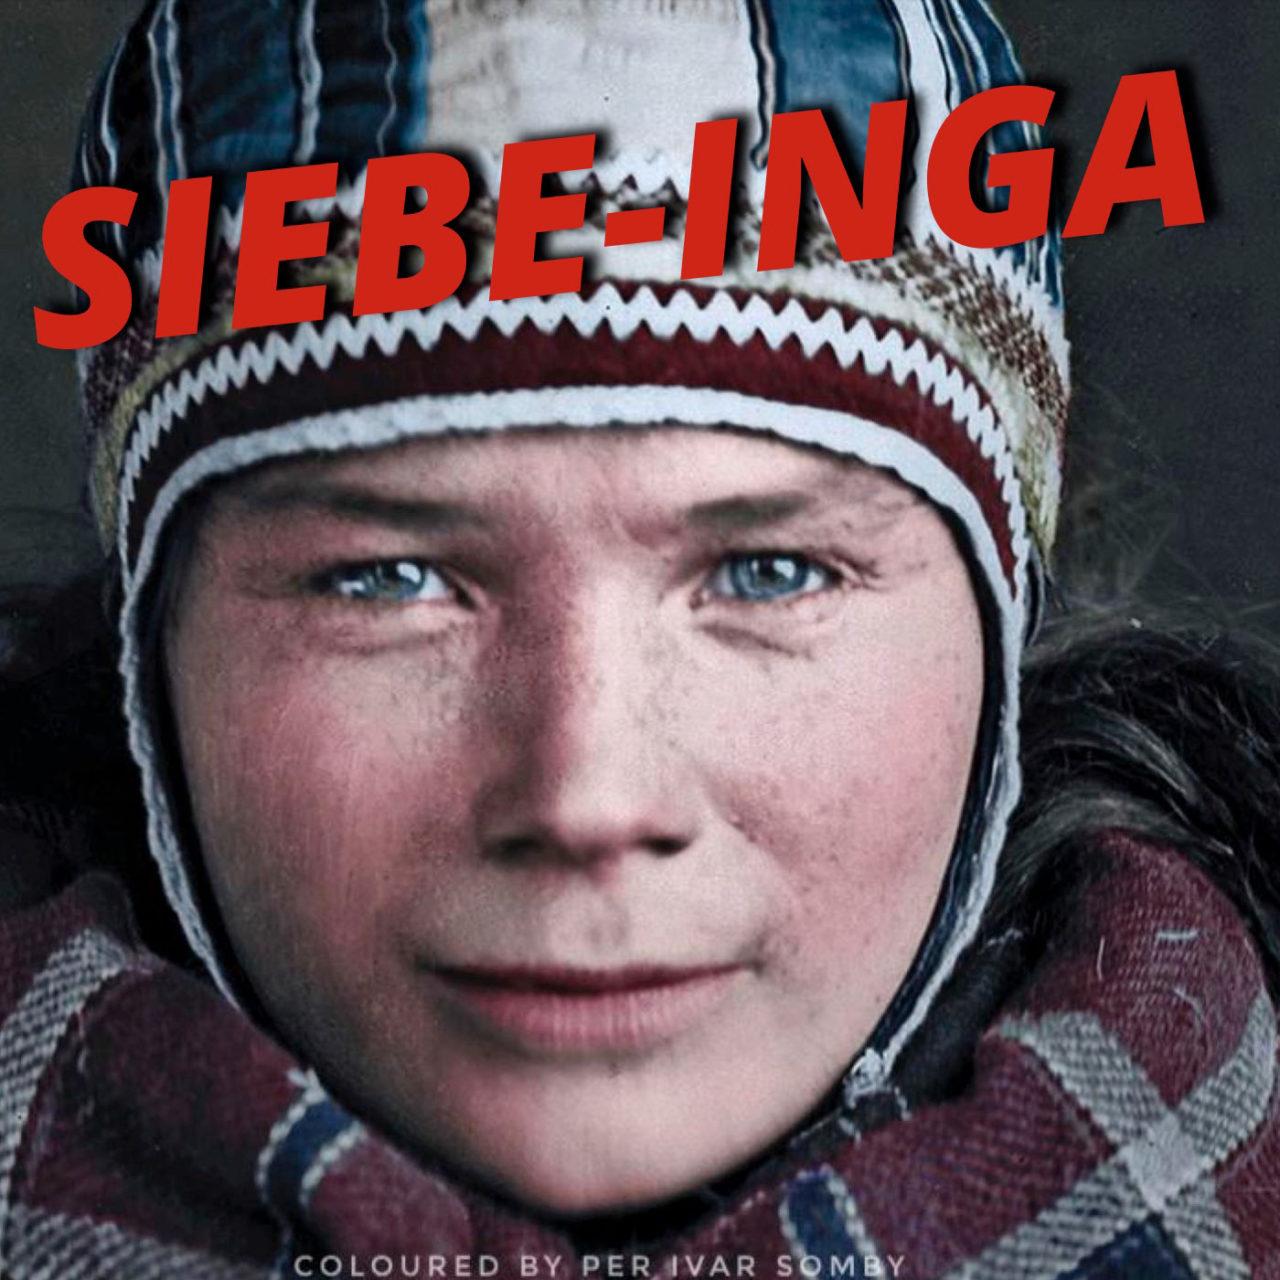 siebe-inga-til-podkast-1280x1280.jpg